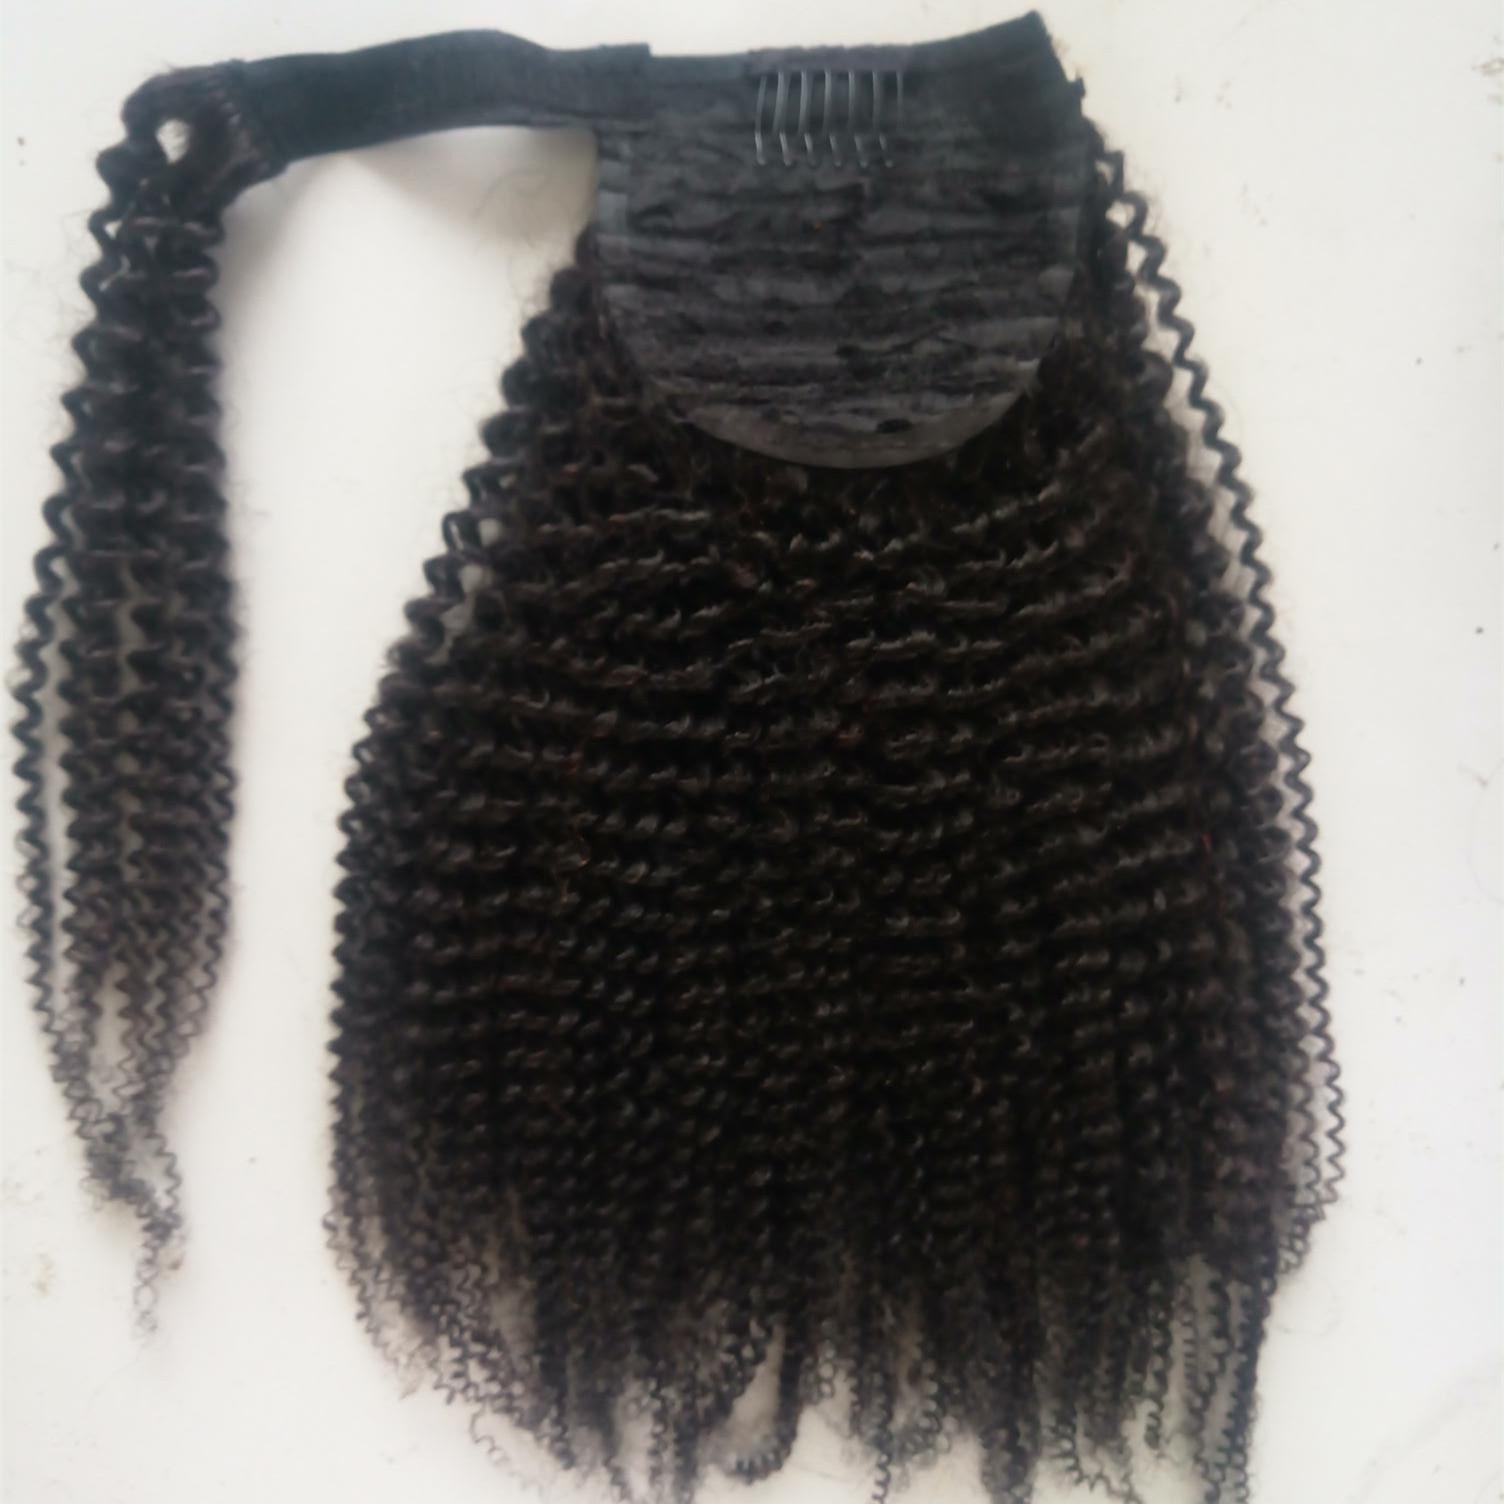 Kadınlar 160g Paket Başına Renk 1B için İpli Kapalı Siyah AfroKinky Kıvırcık at kuyruğu saç Uzatma Wrap ile Diva 24 İnç İnsan Saç at kuyruğu